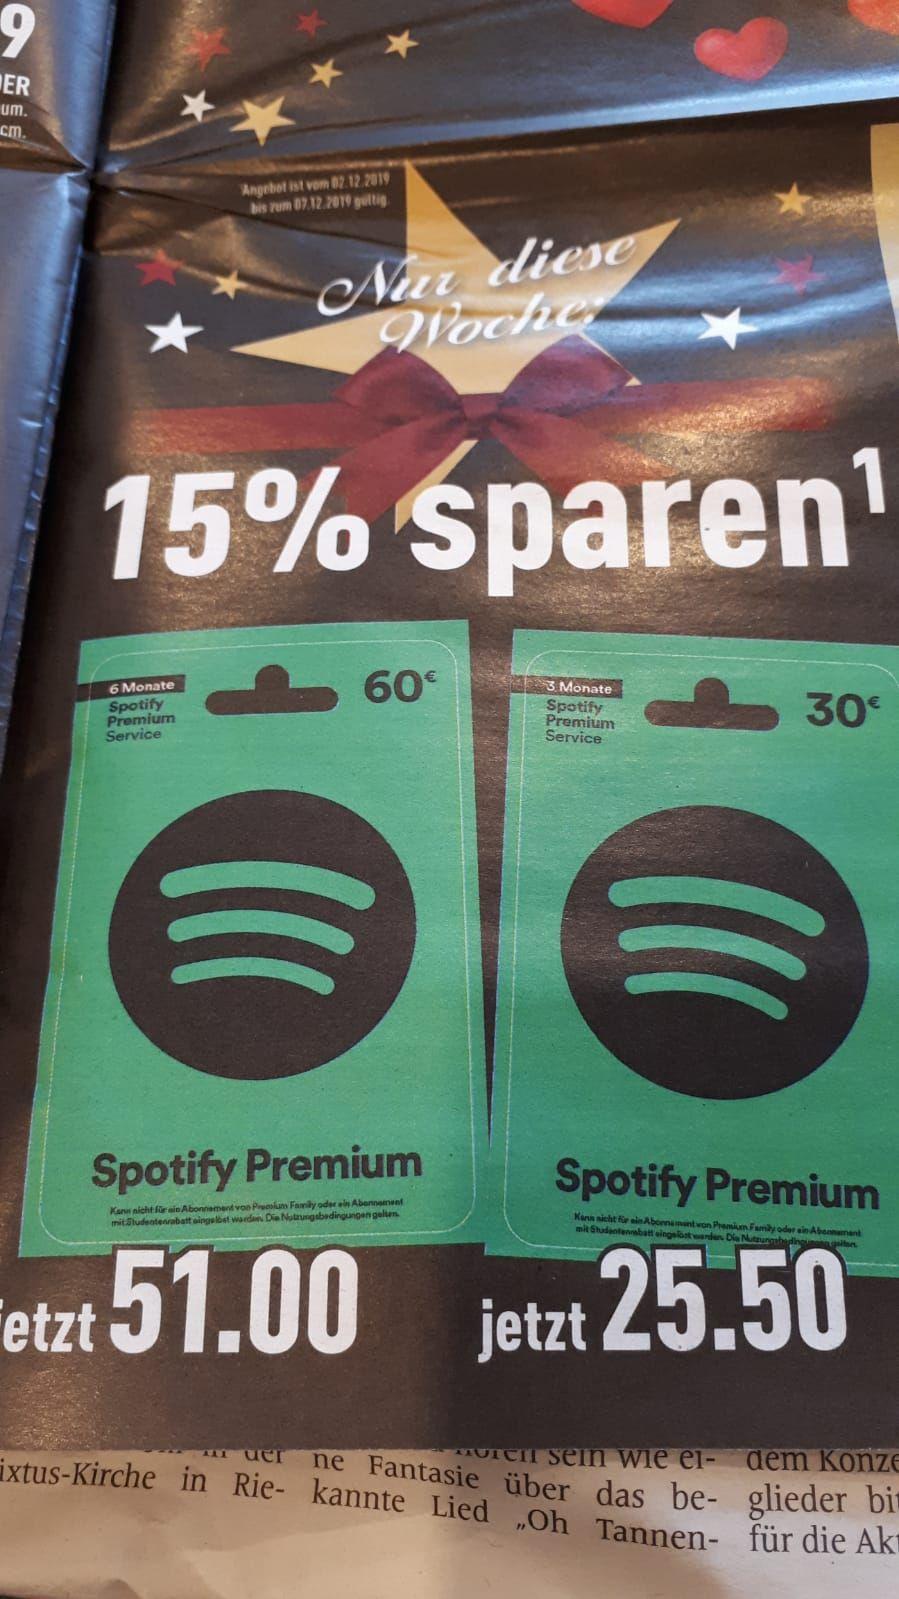 Spotify Premium Guthaben Karte für 6 und 3 Monate bei Marktkauf Ibbenbüren